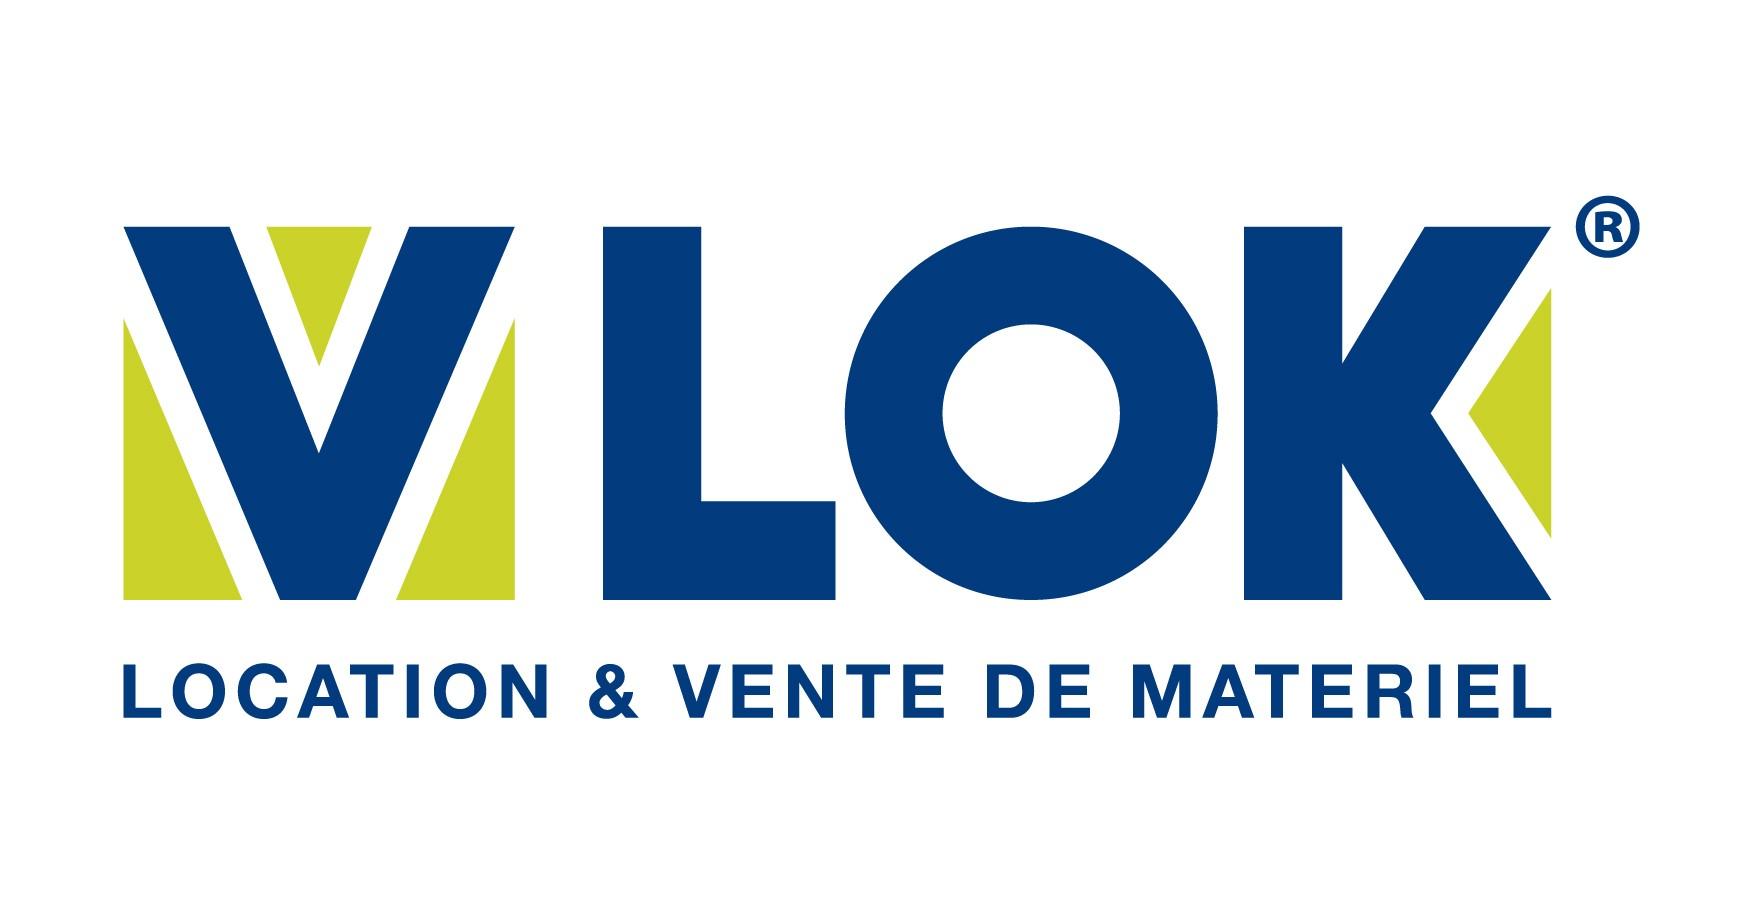 Vendée Location/Lovemat = VLOK.